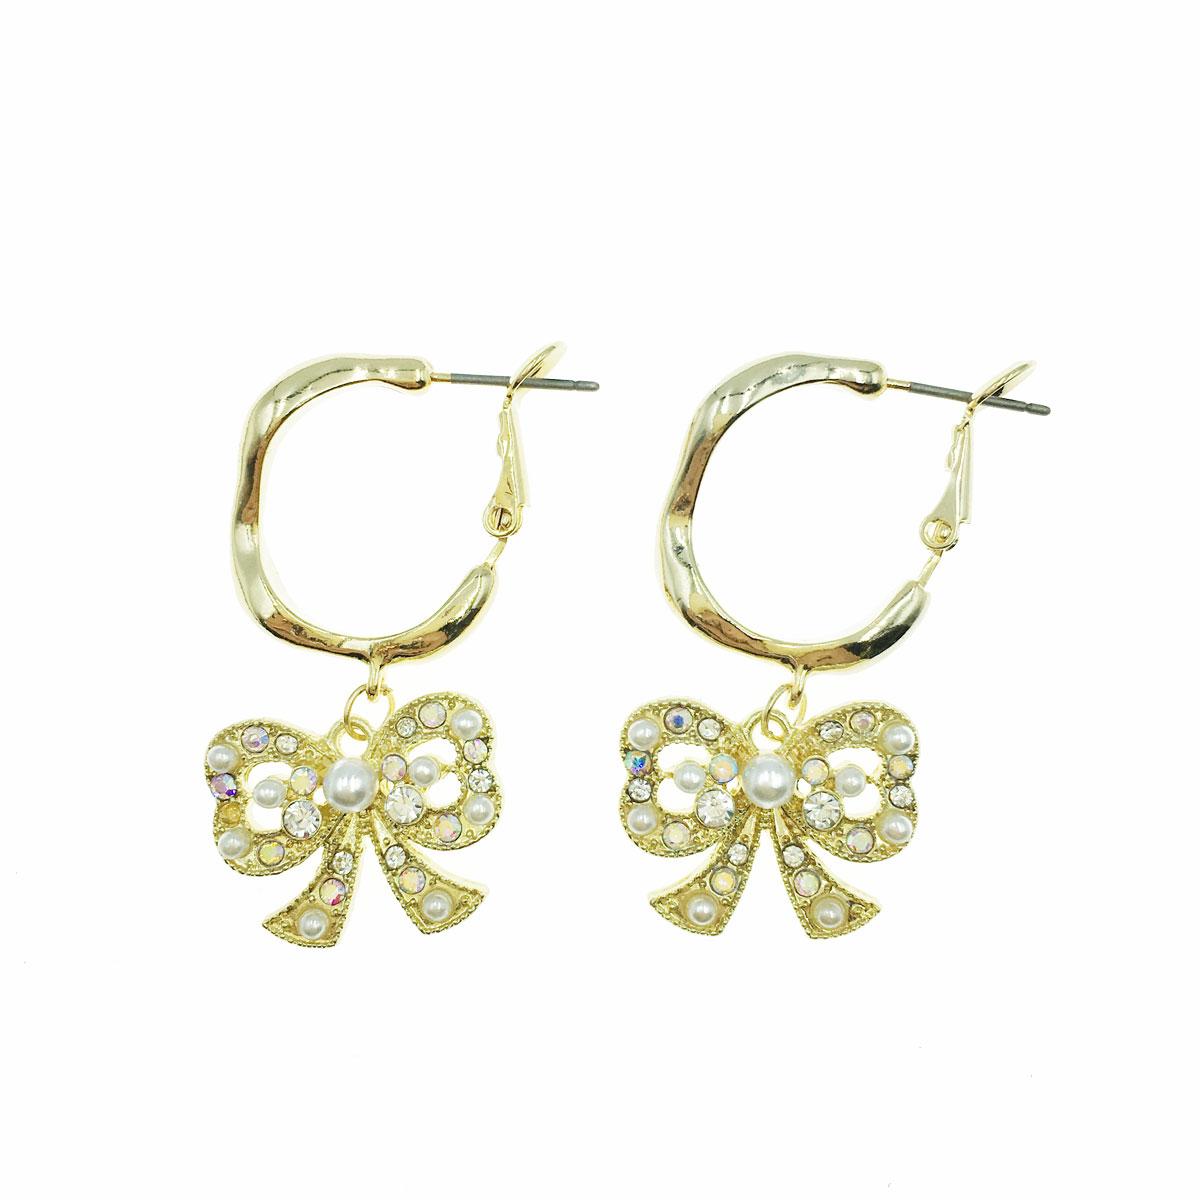 韓國 珍珠 水鑽 蝴蝶結 簍空 金邊 垂墜感 耳針式 耳環